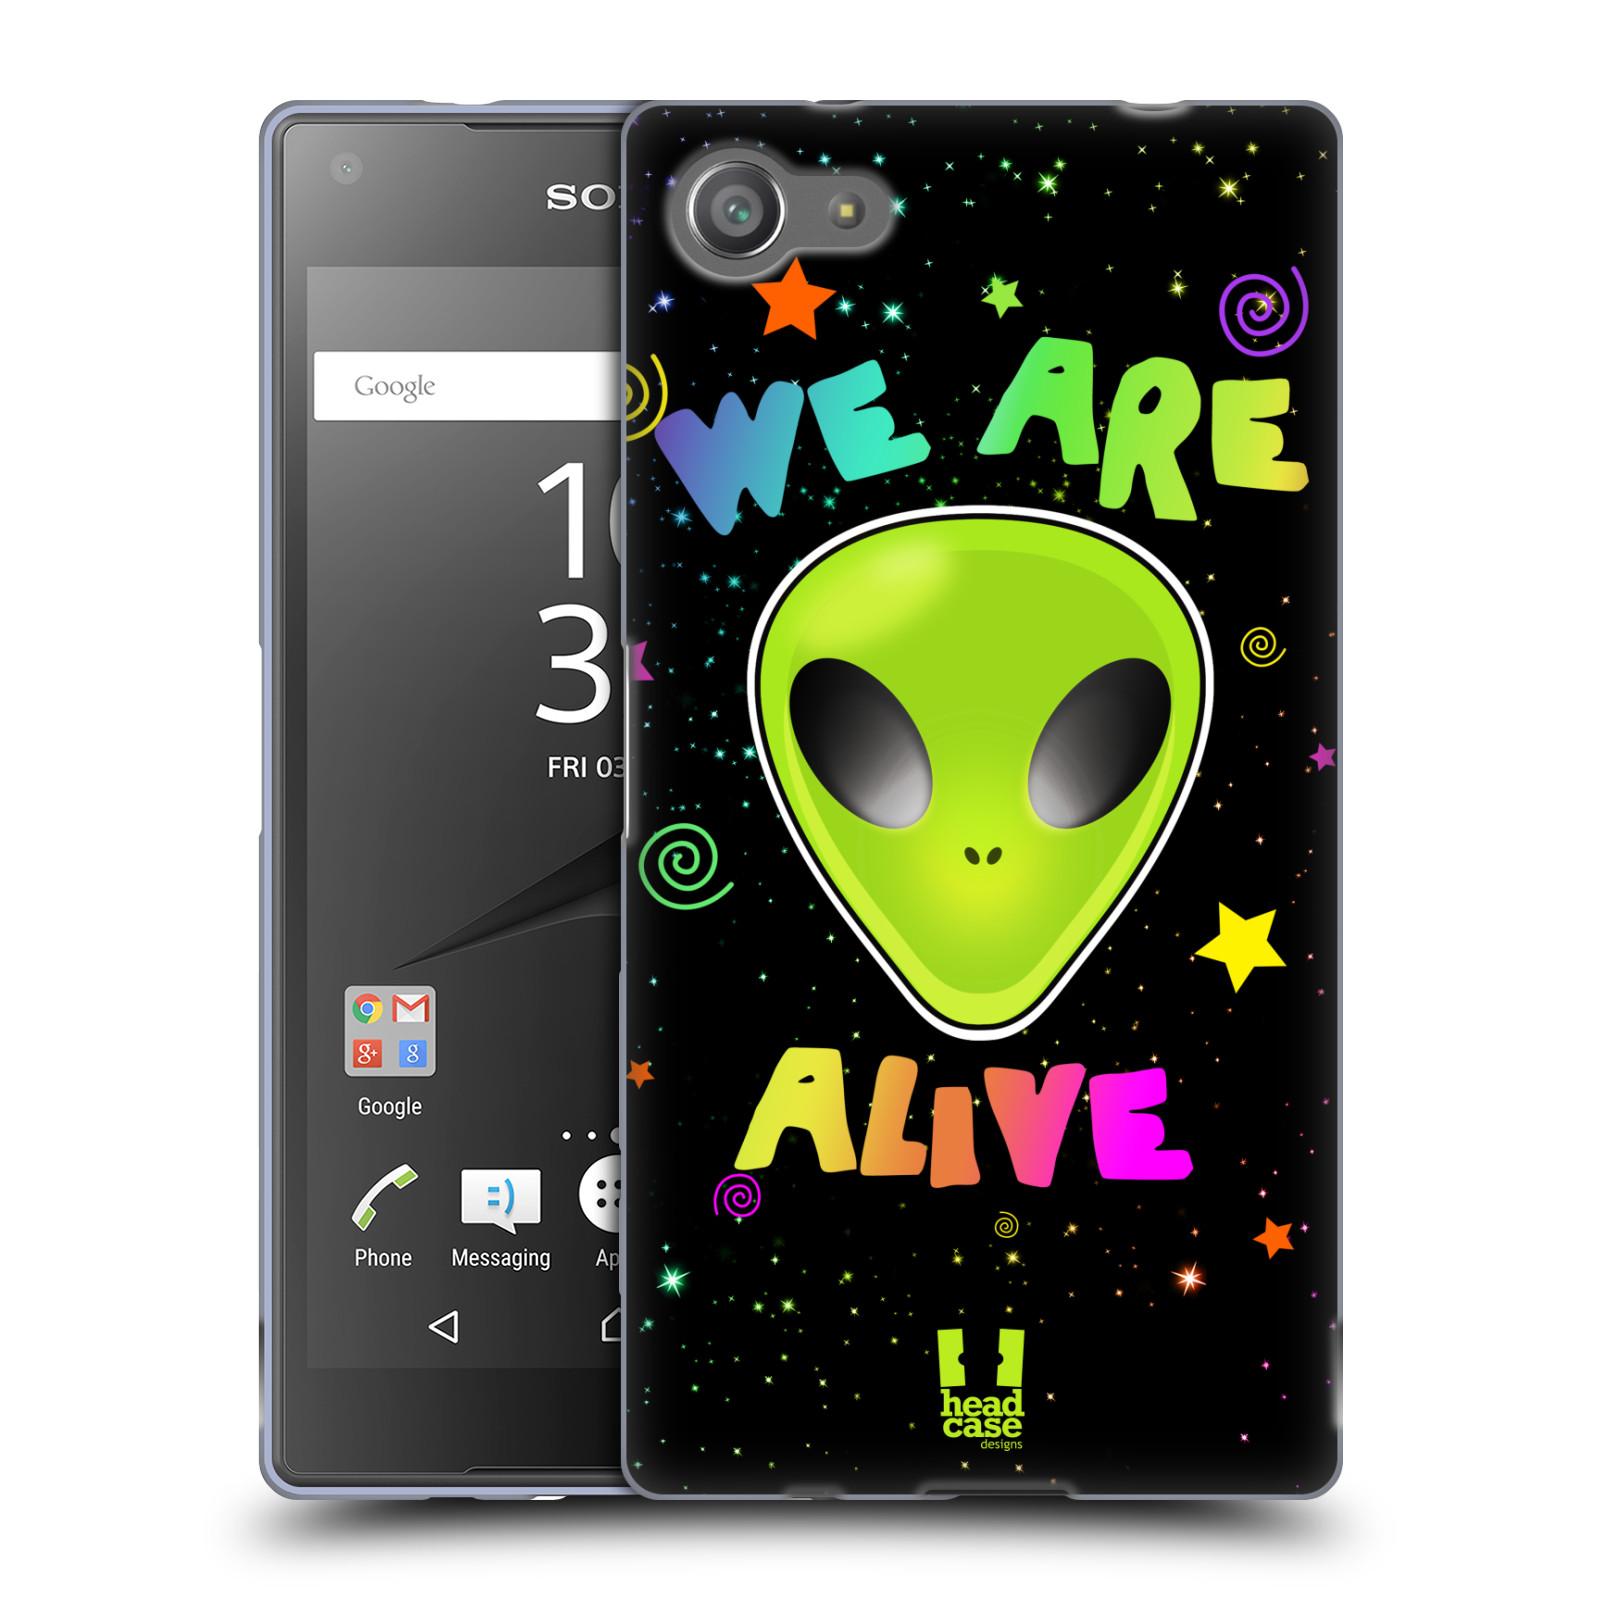 Silikonové pouzdro na mobil Sony Xperia Z5 Compact HEAD CASE ALIENS ALIVE